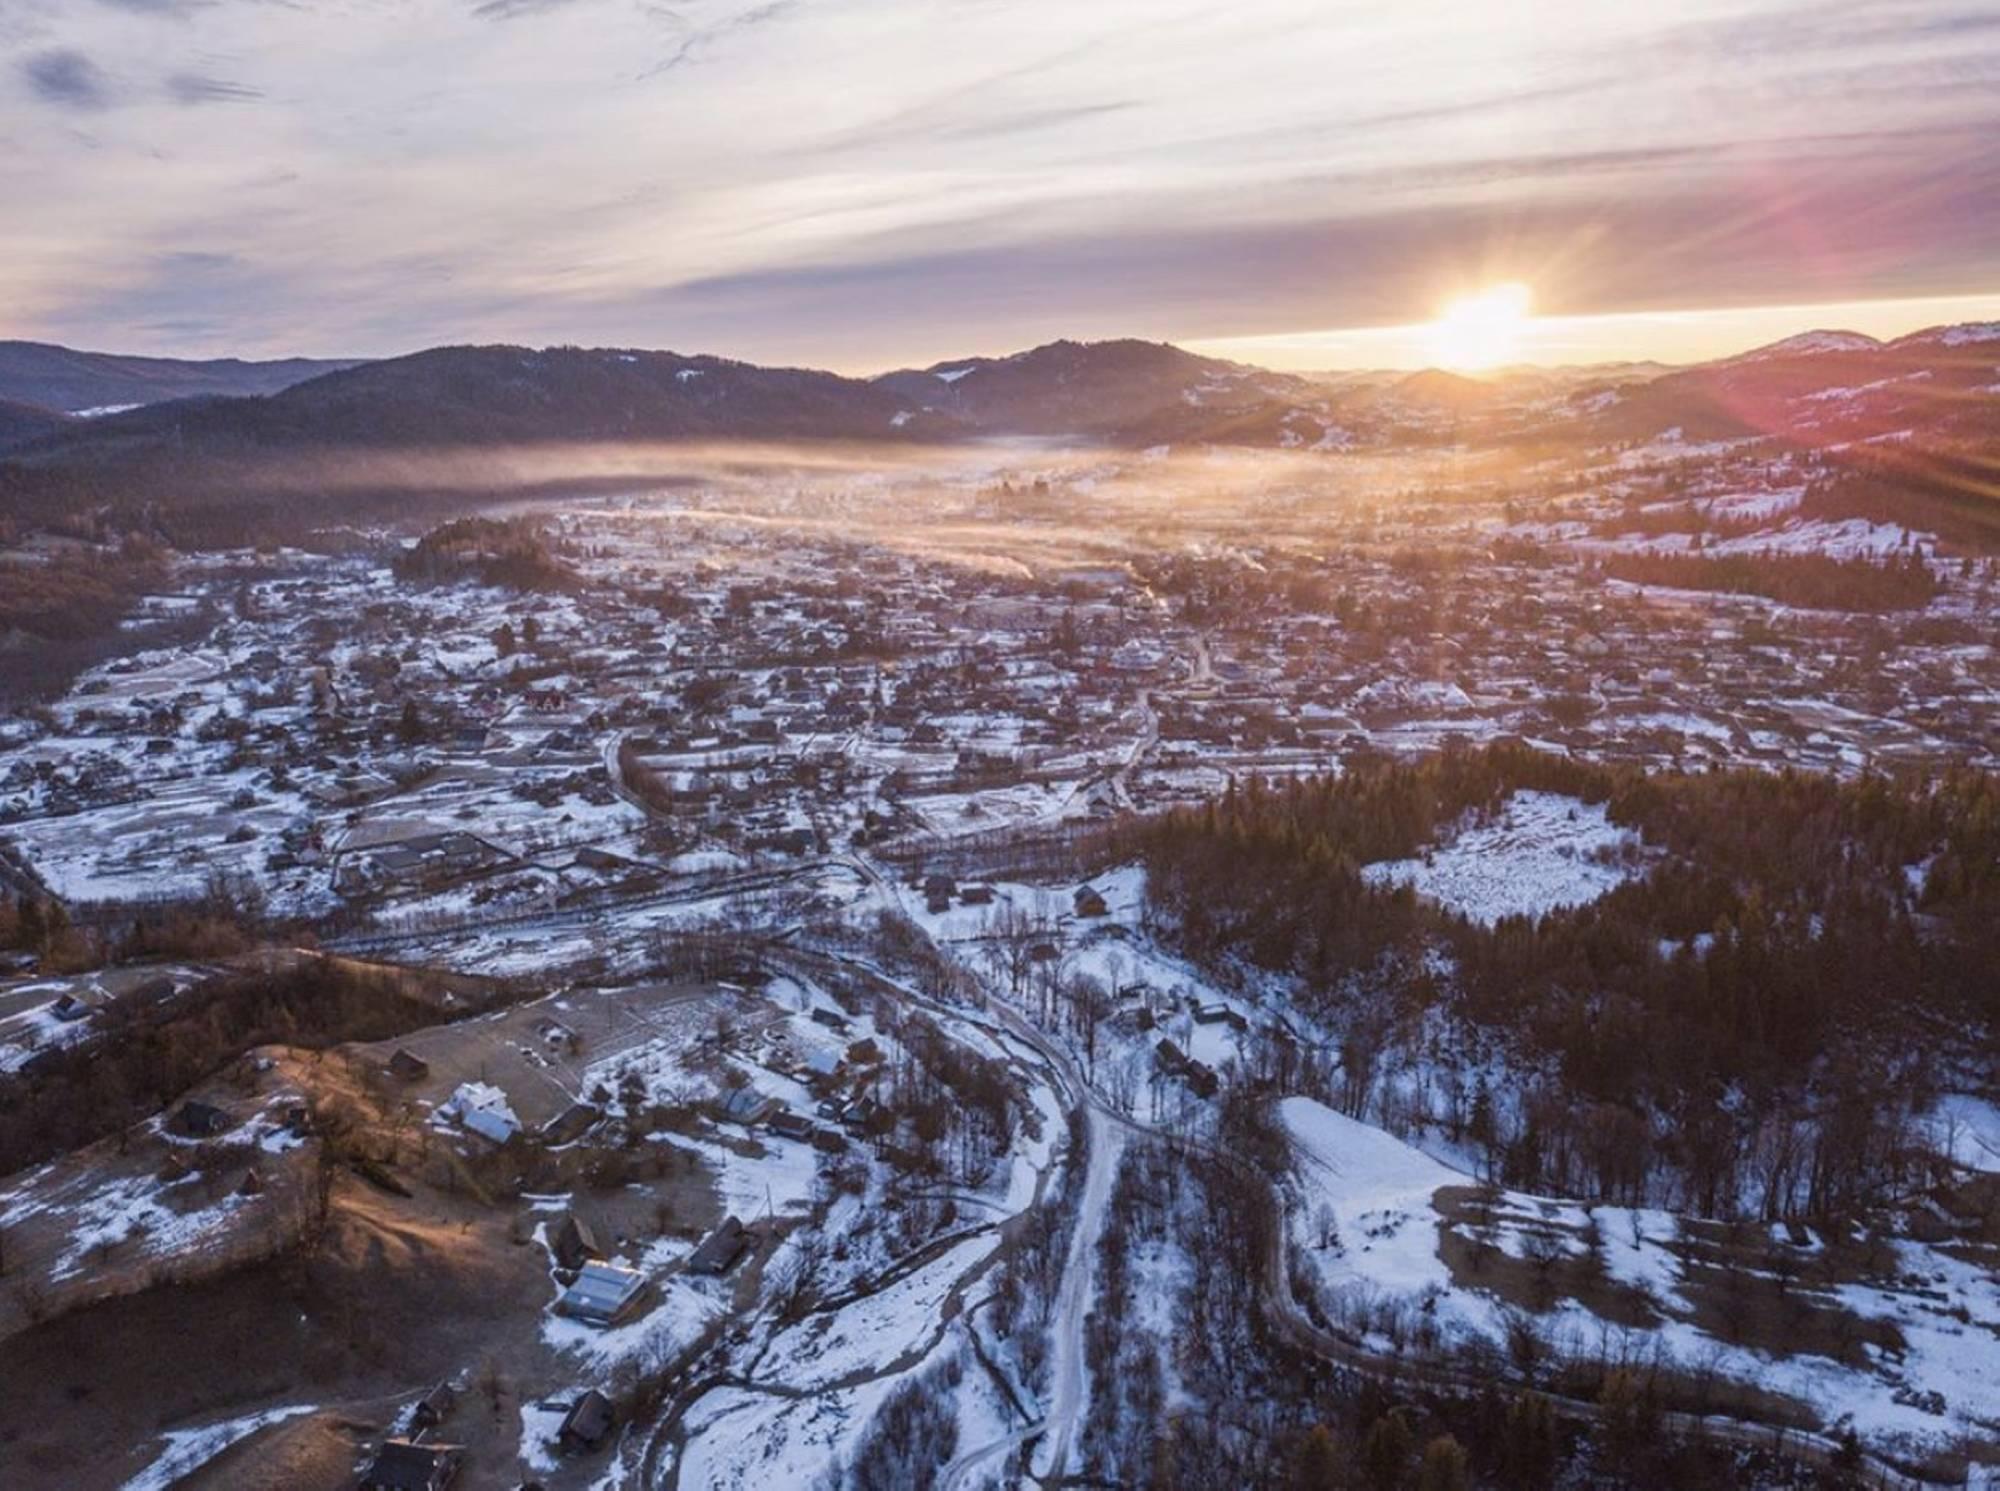 Найбільше село України: Космач показали з висоти пташиного польоту (ФОТО)